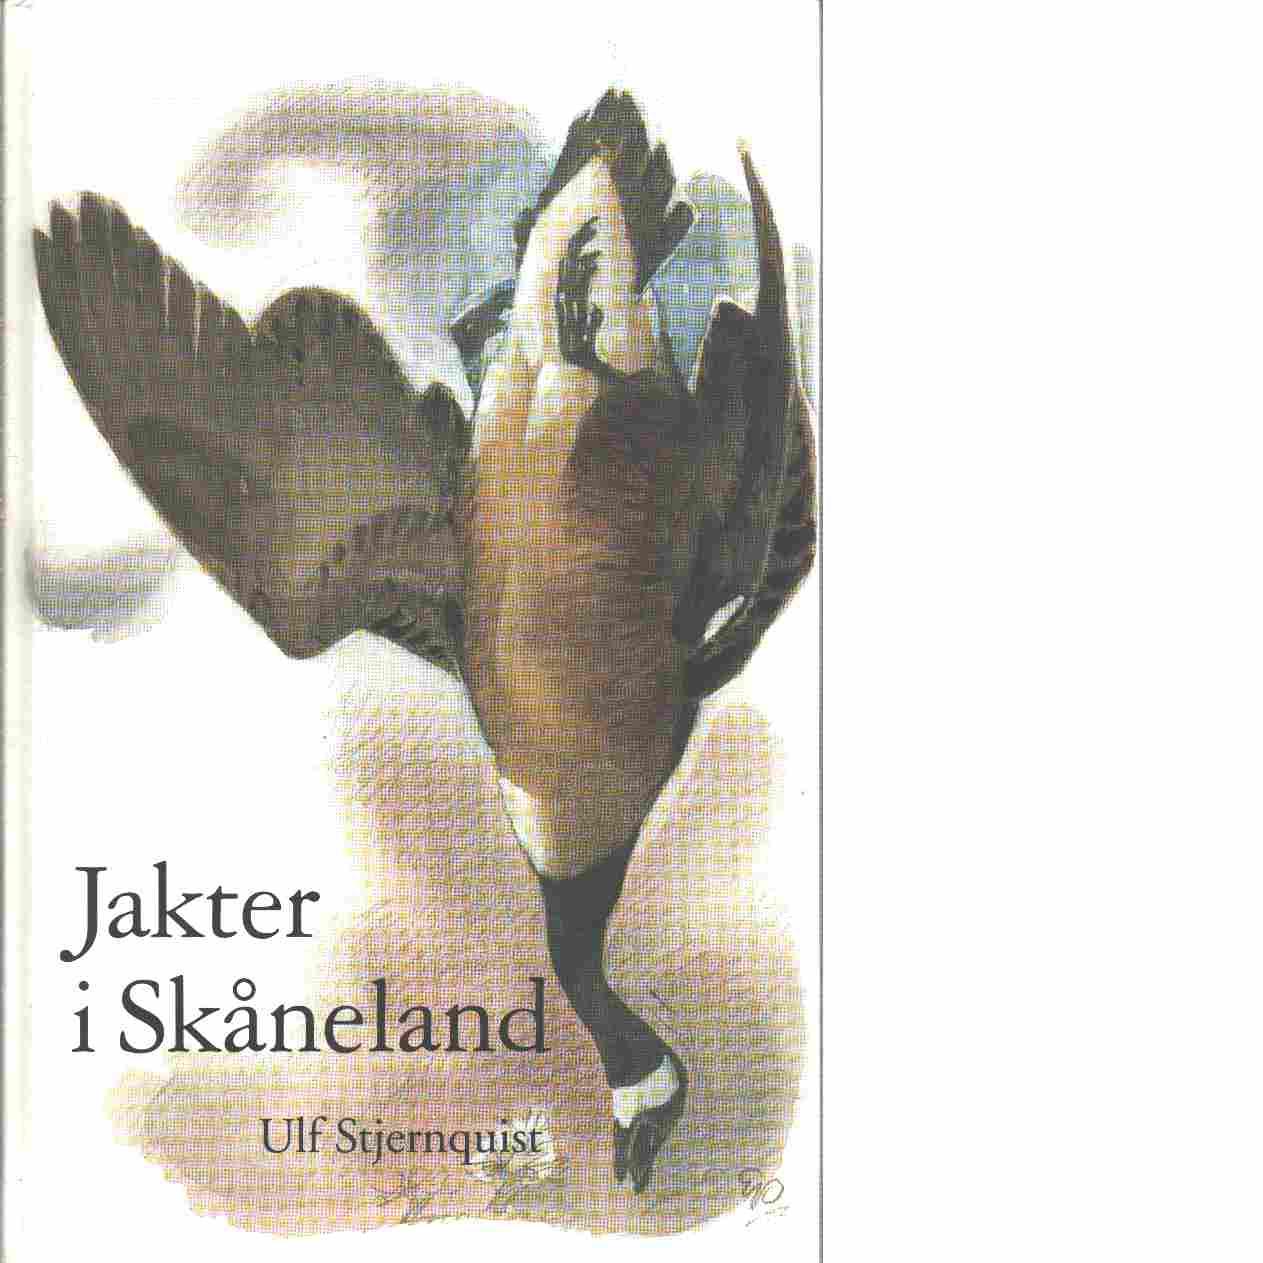 Jakter i Skåneland - Stjernquist, Ulf